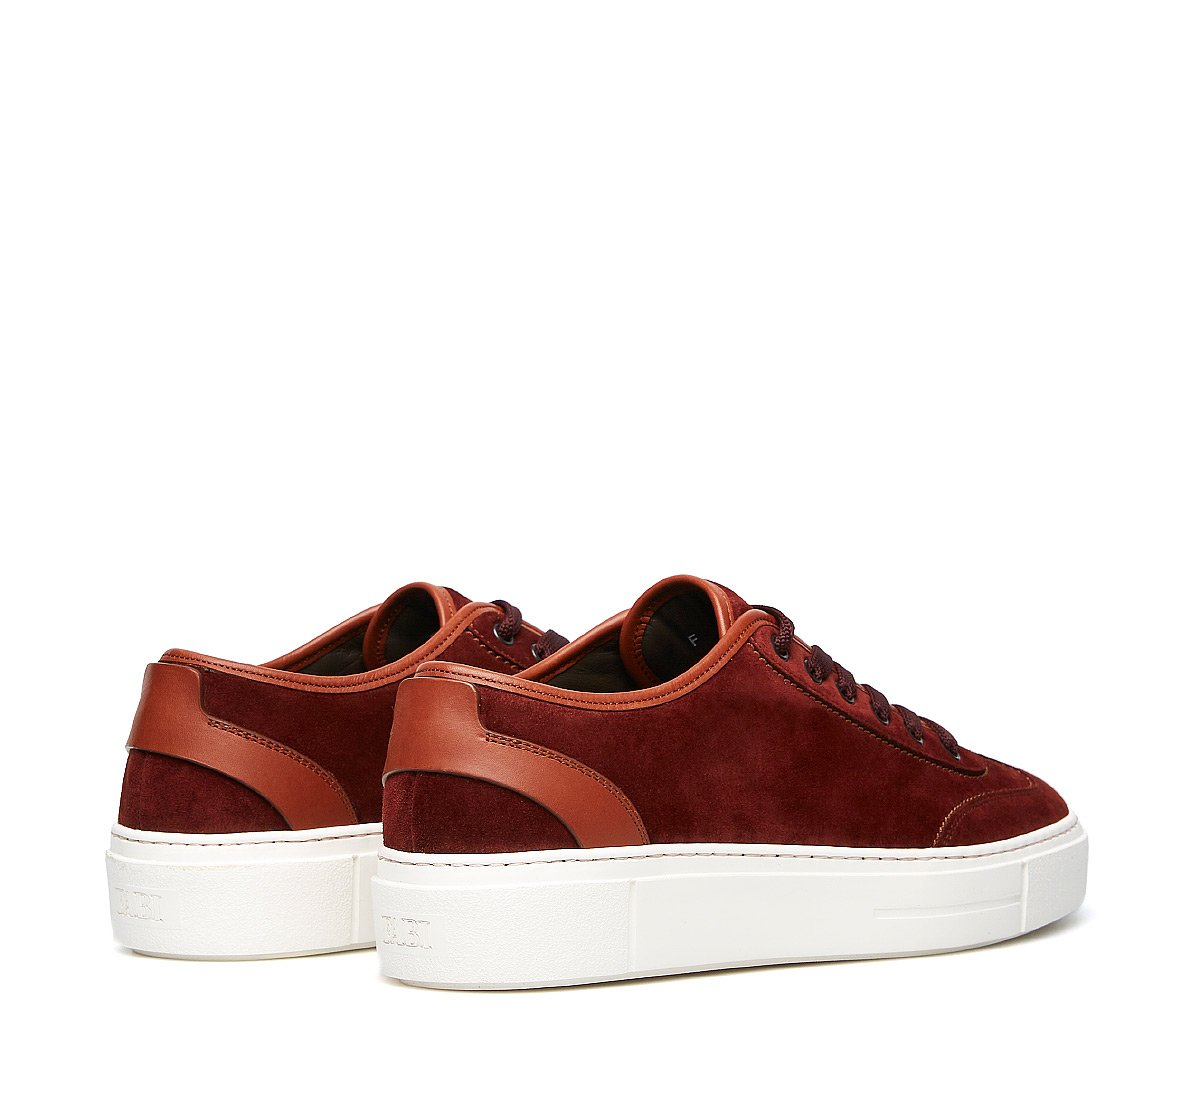 Soft calfskin sneakers